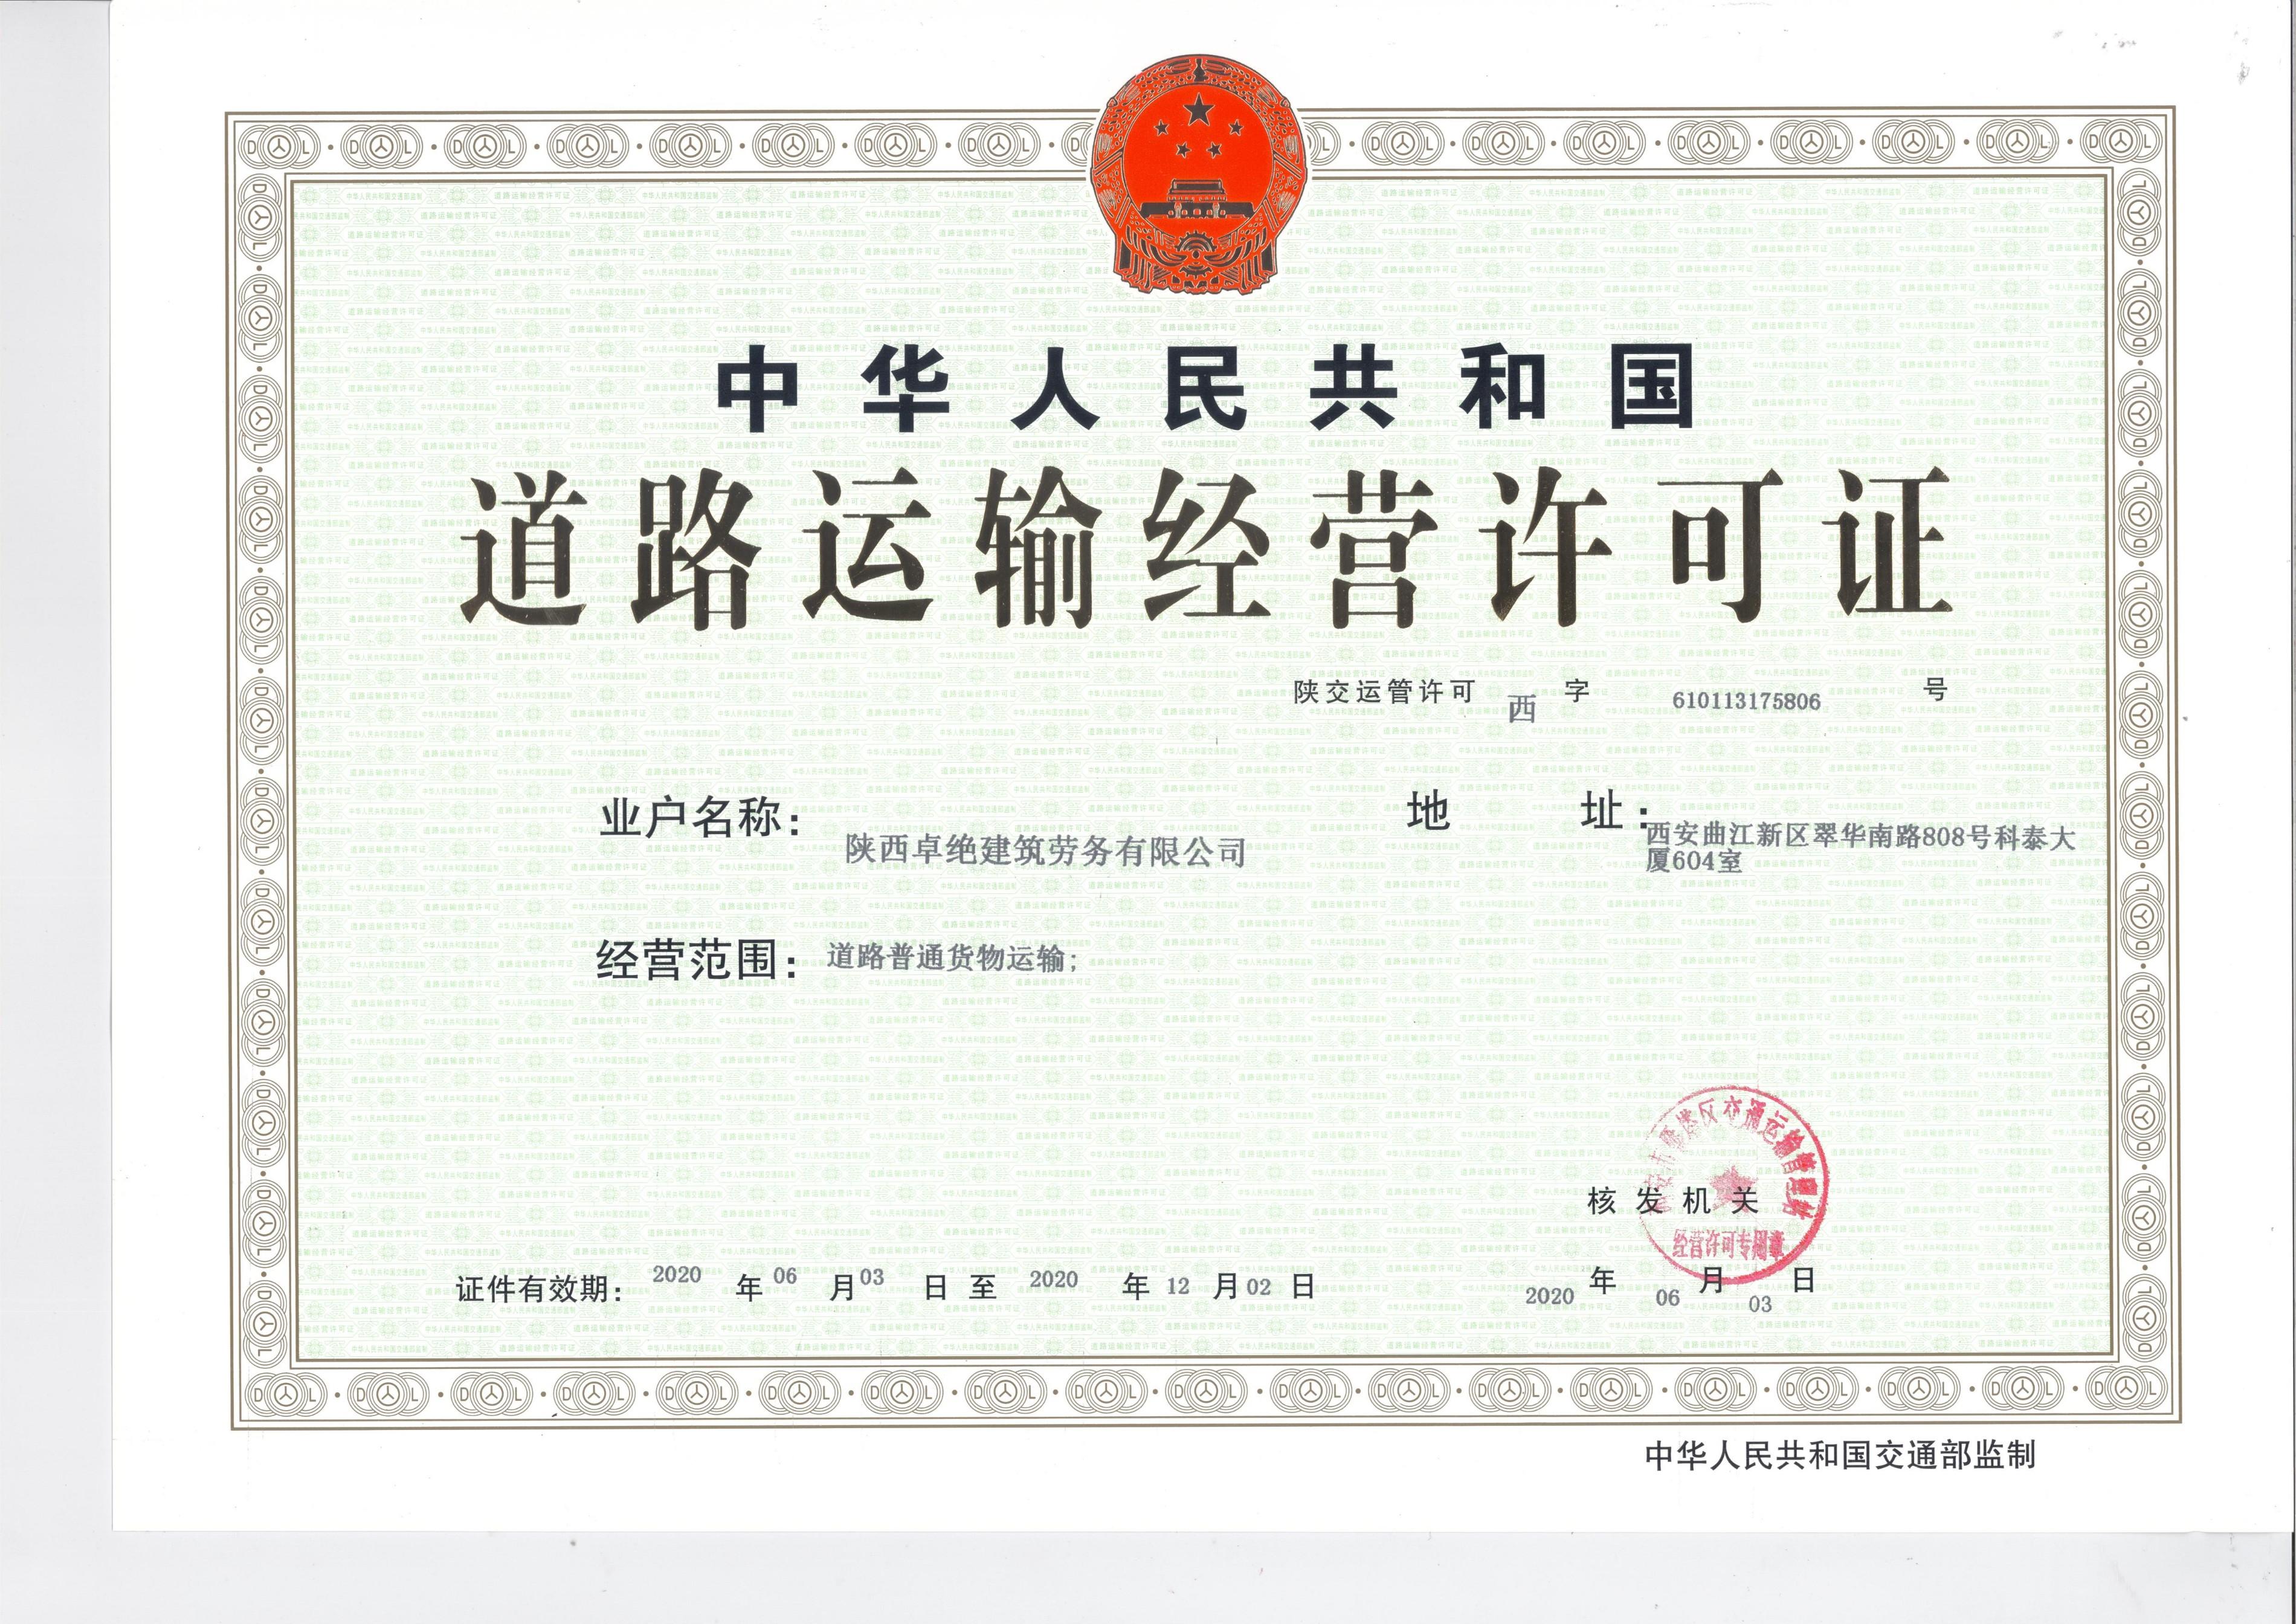 2020六月办理道路运输许可证